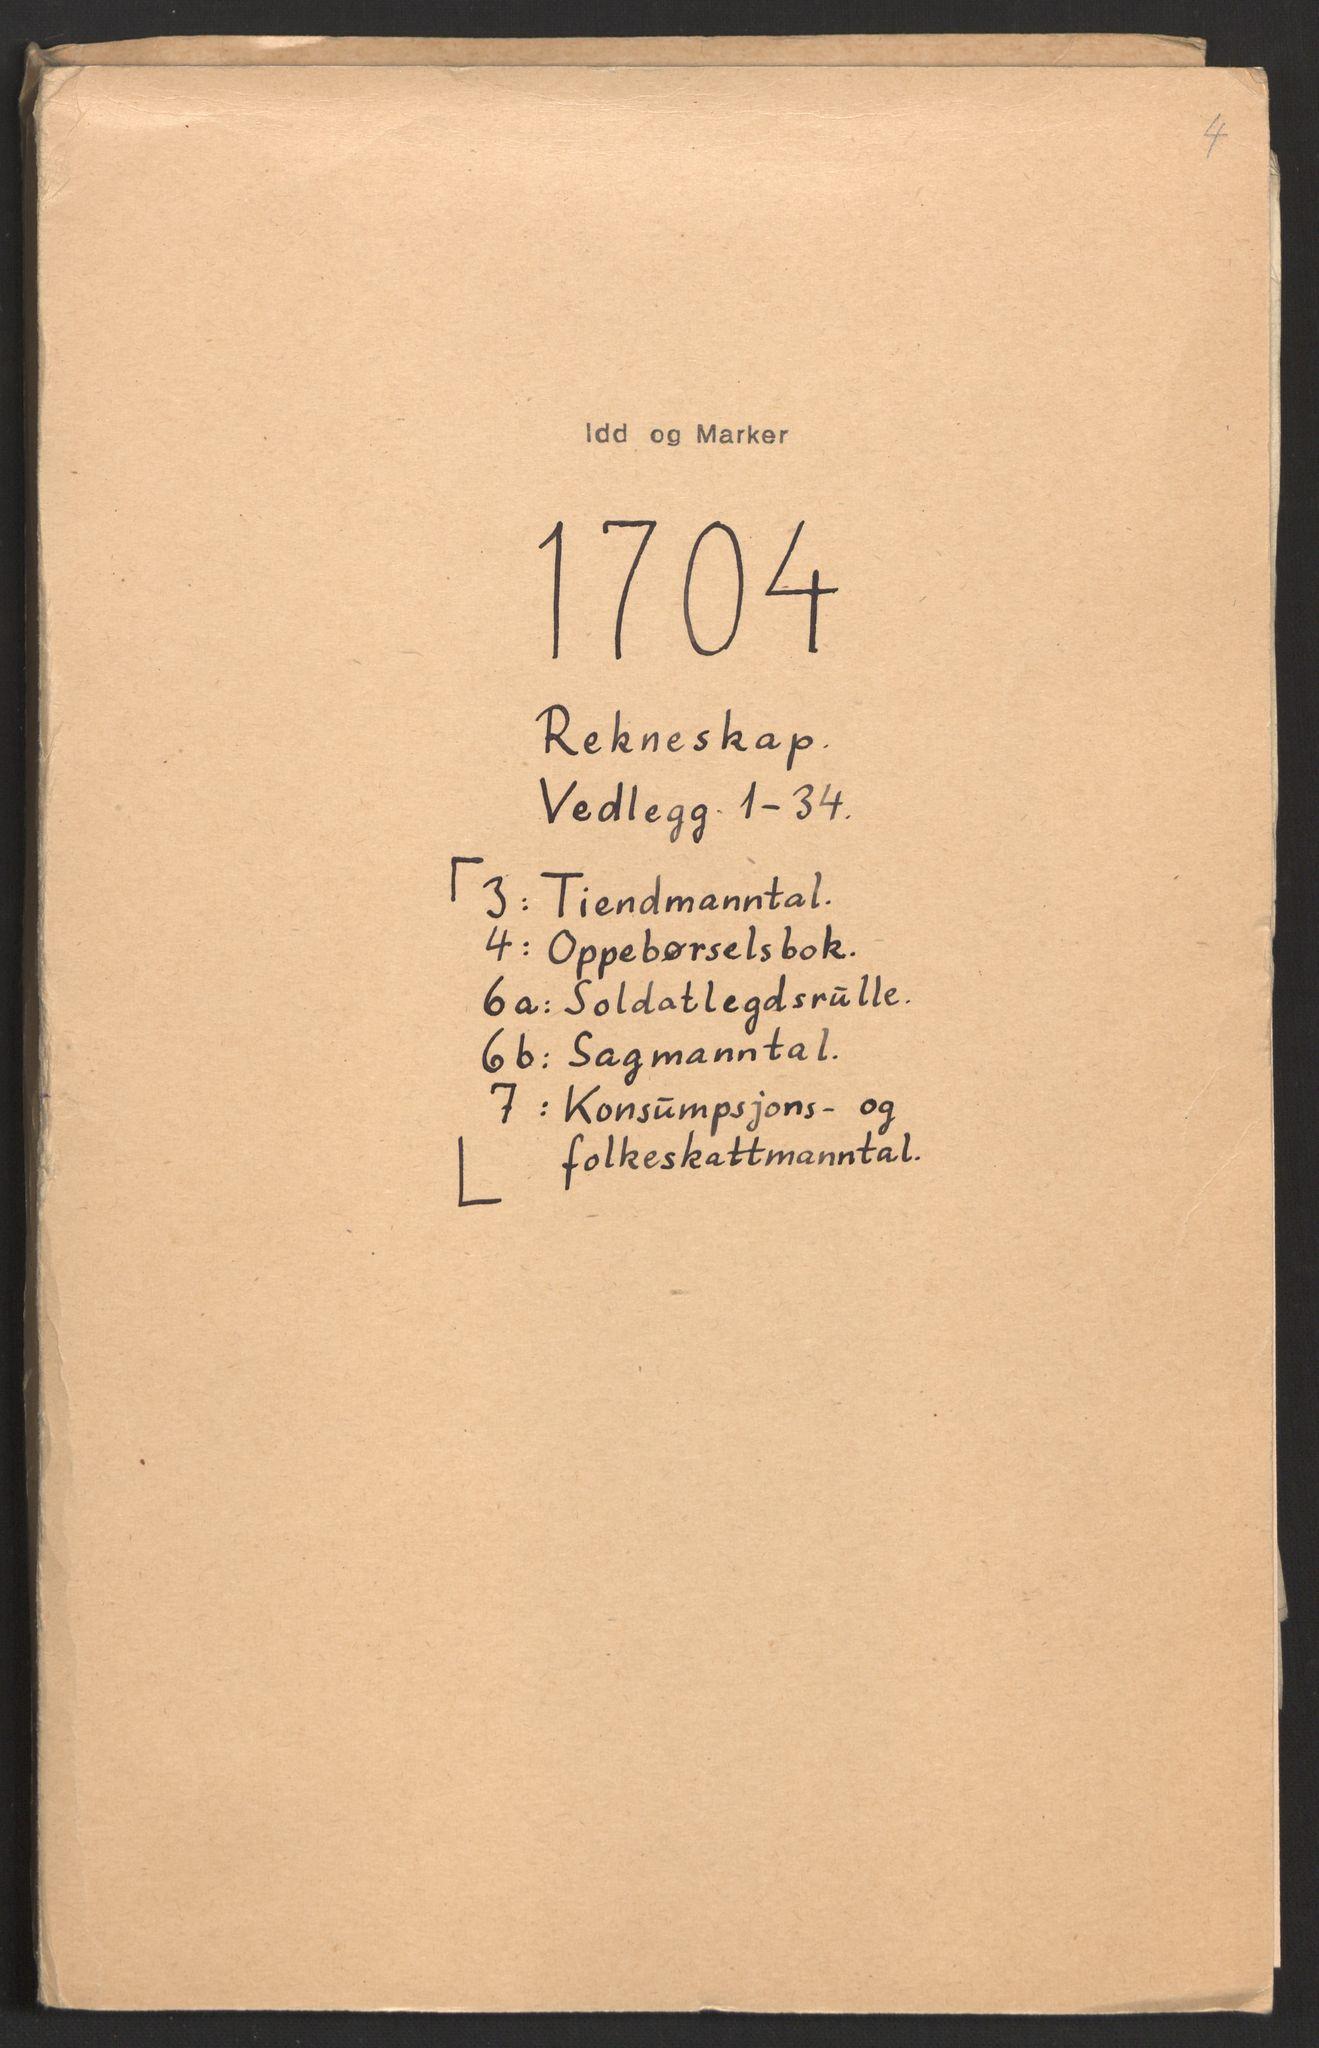 RA, Rentekammeret inntil 1814, Reviderte regnskaper, Fogderegnskap, R01/L0017: Fogderegnskap Idd og Marker, 1704-1706, p. 2